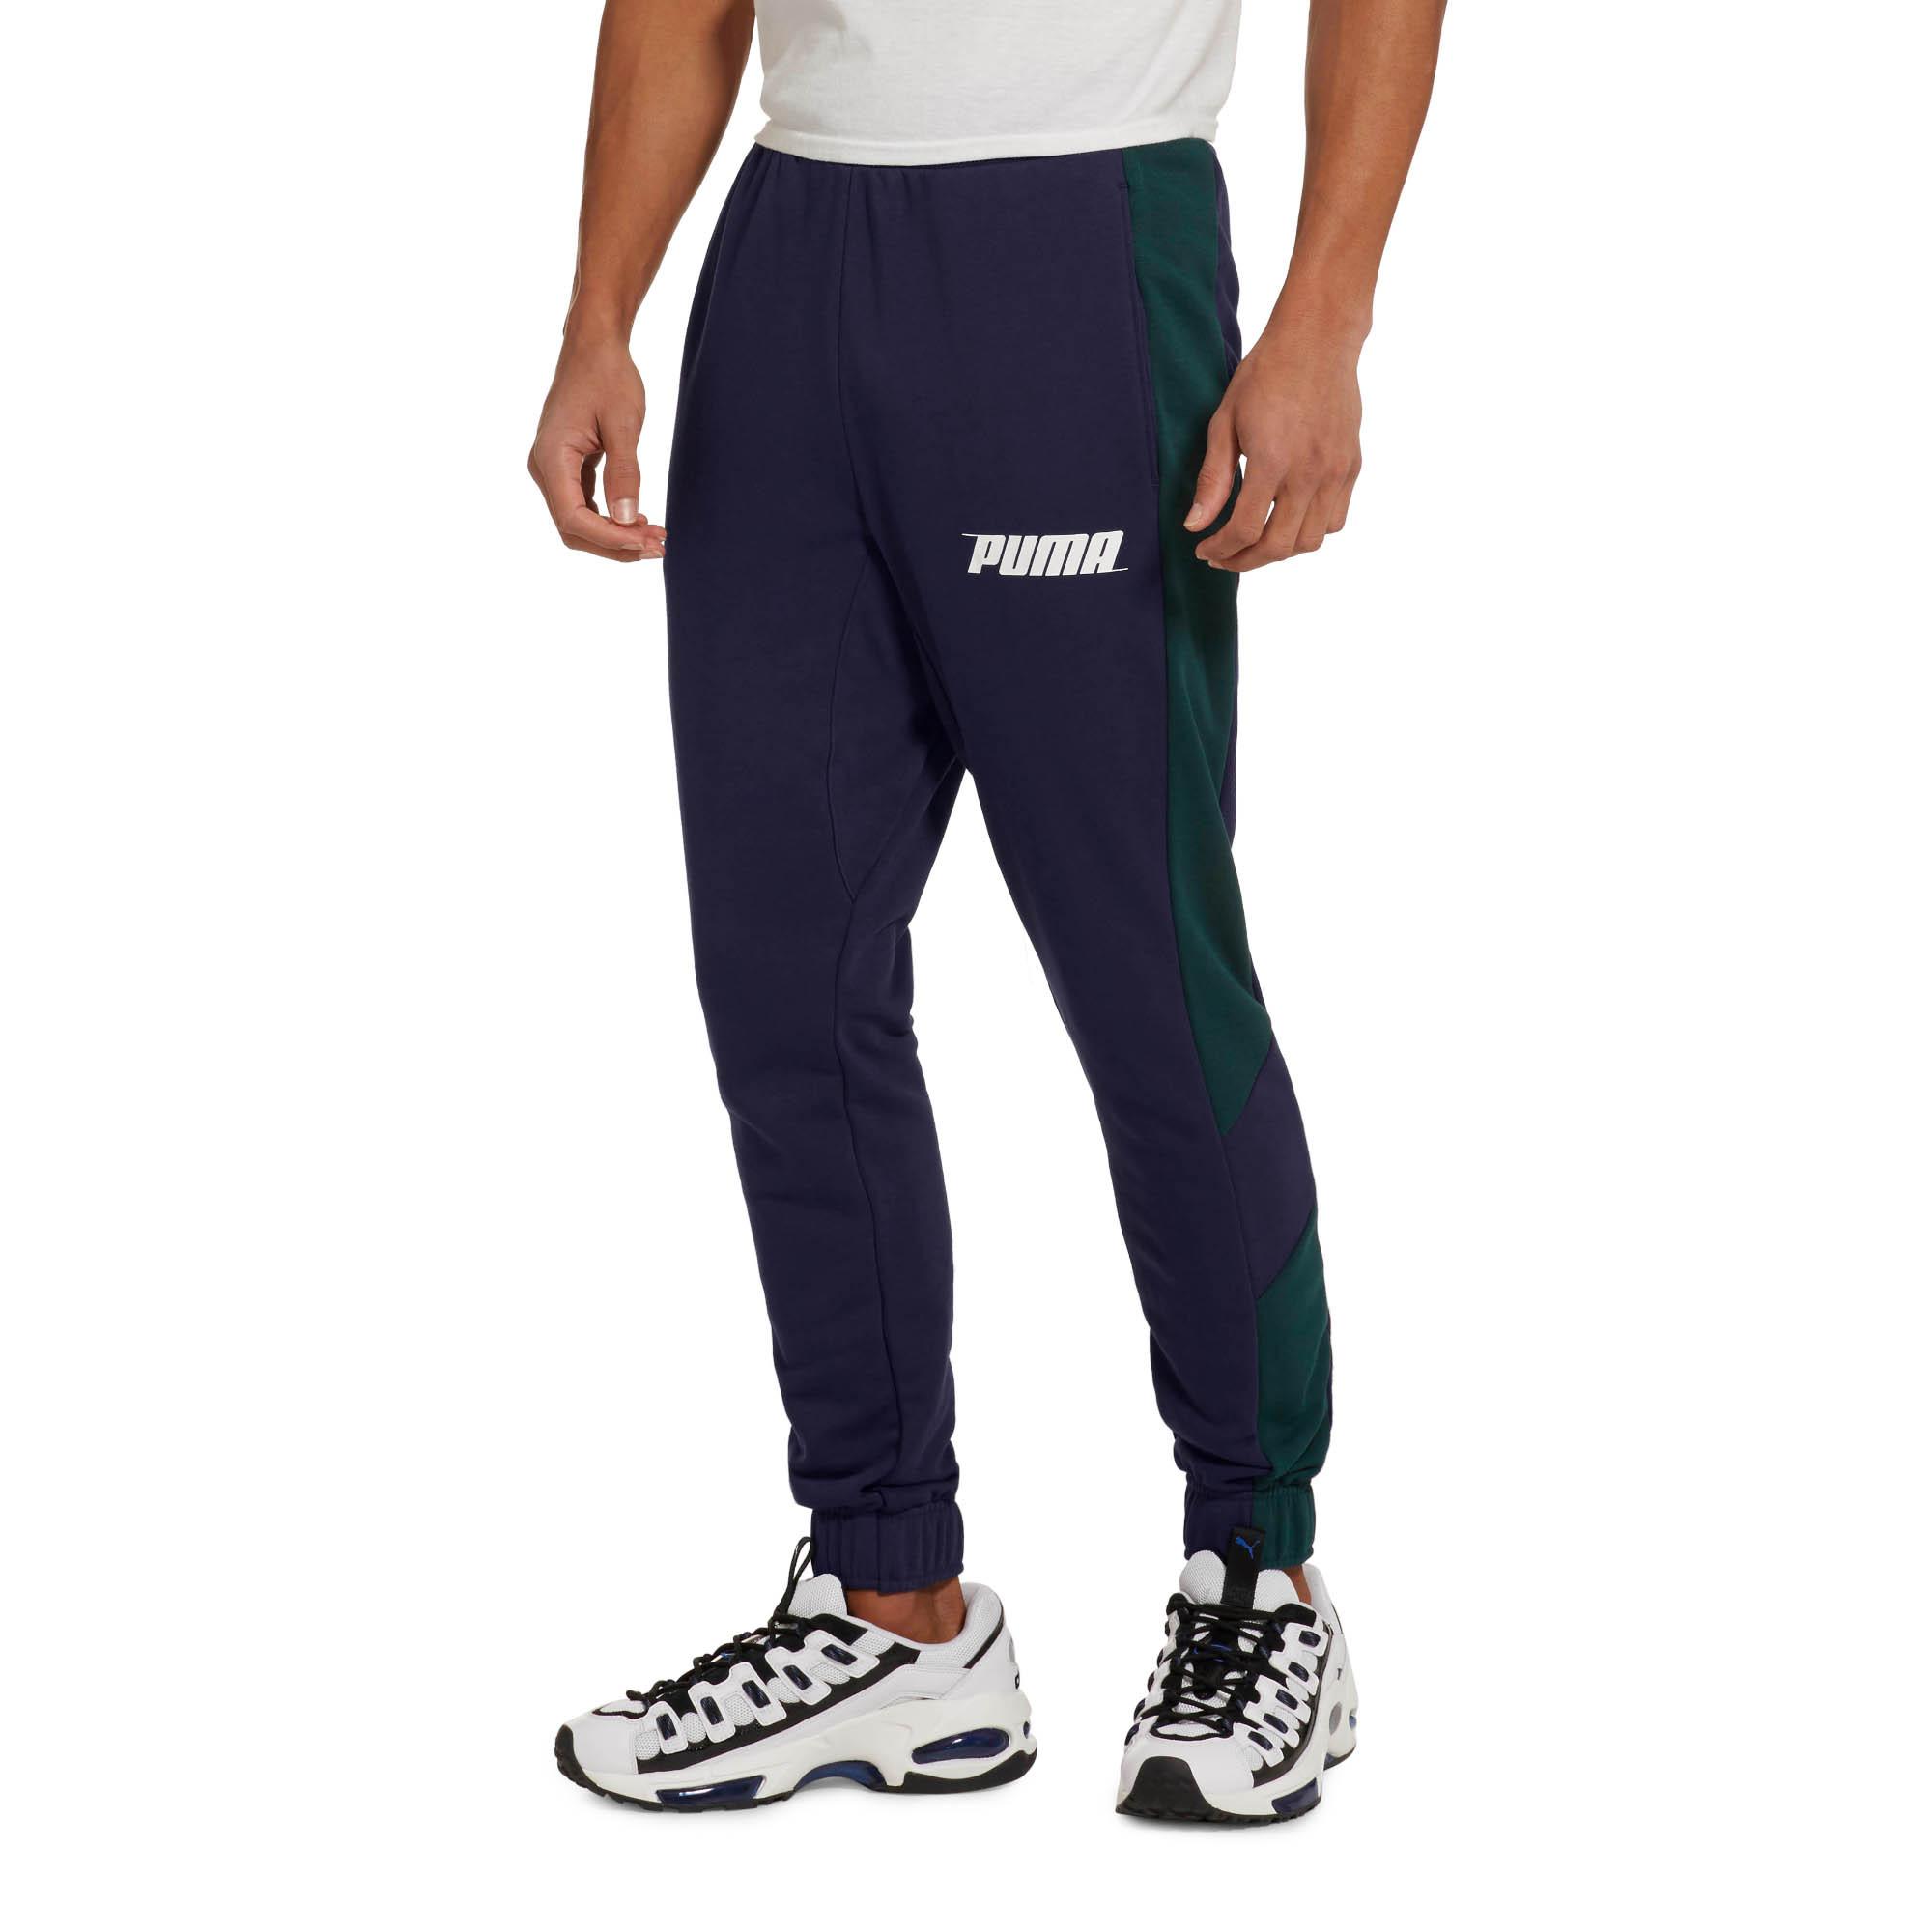 7828aaa732ab Official Puma Store  PUMA Rebel Pants